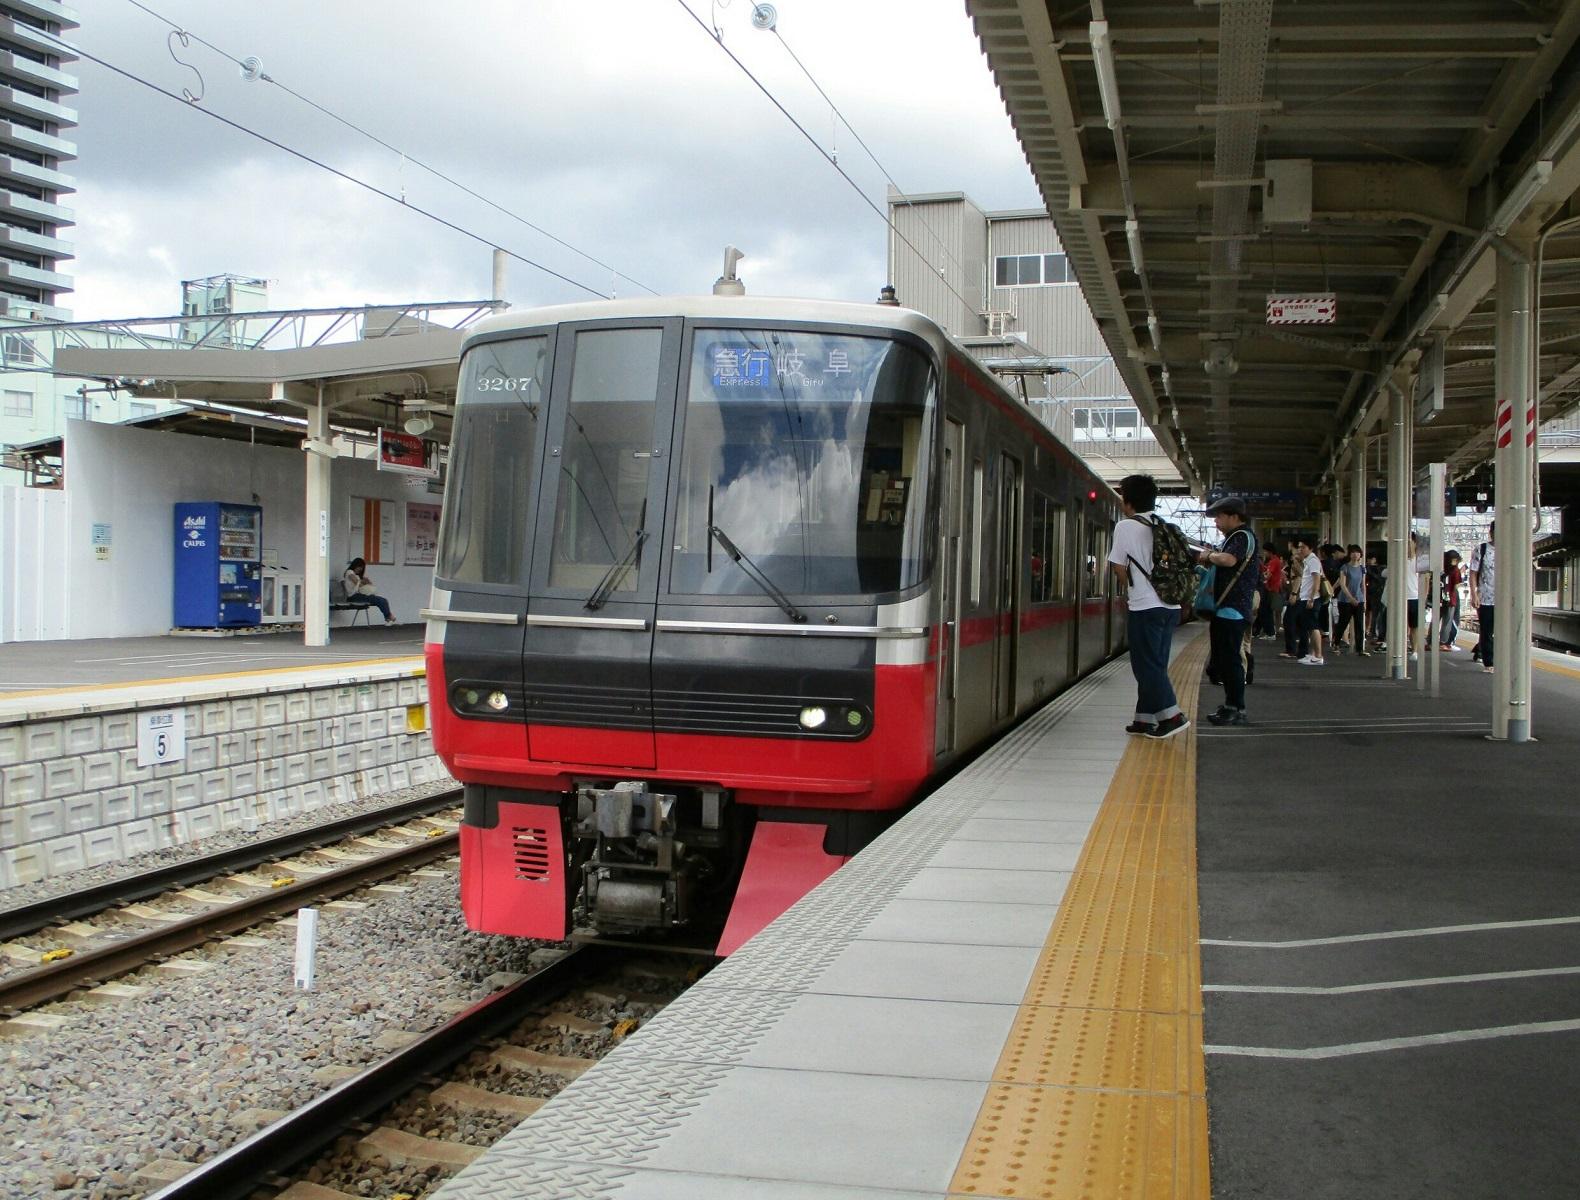 2018.6.30 (3) 知立 - 岐阜いき急行 1580-1200